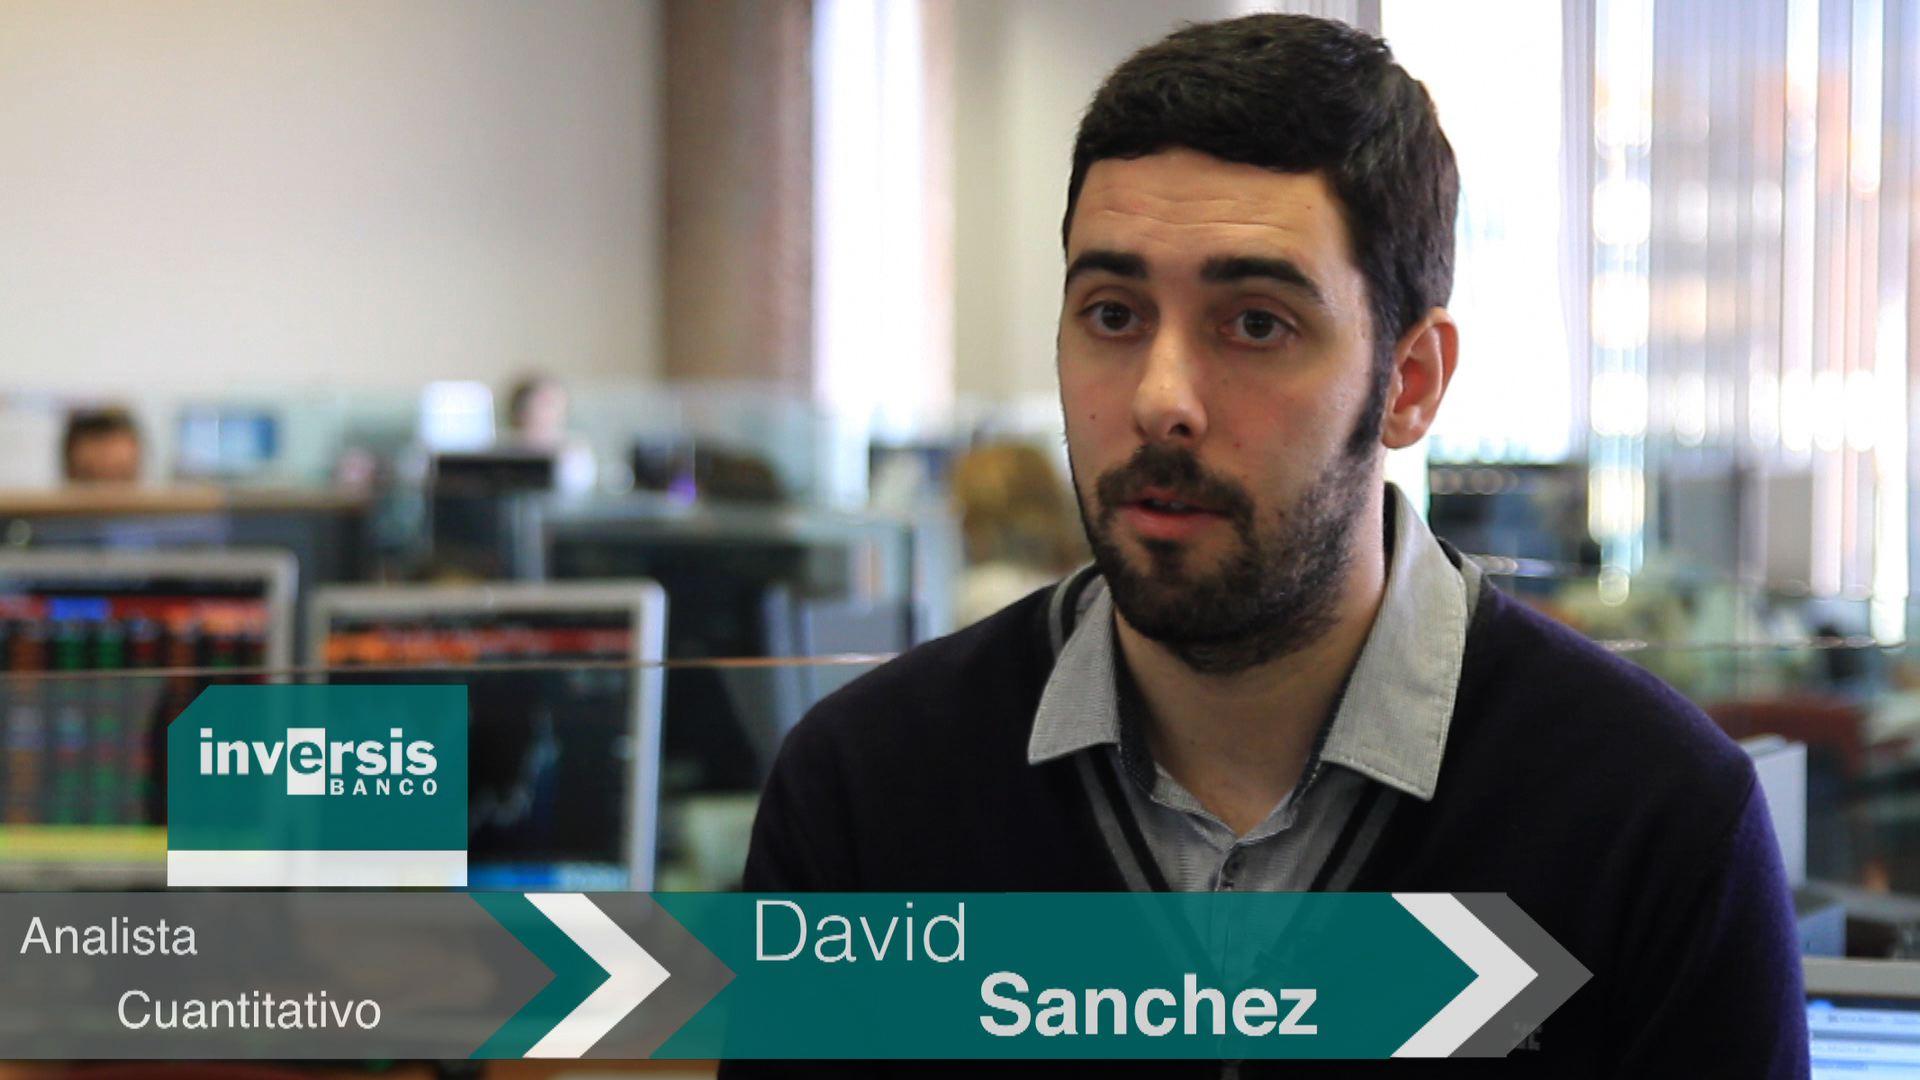 """David Sánchez: """"Los principales cambios de fondos en febrero han sido en renta variable europea y eurozona"""""""